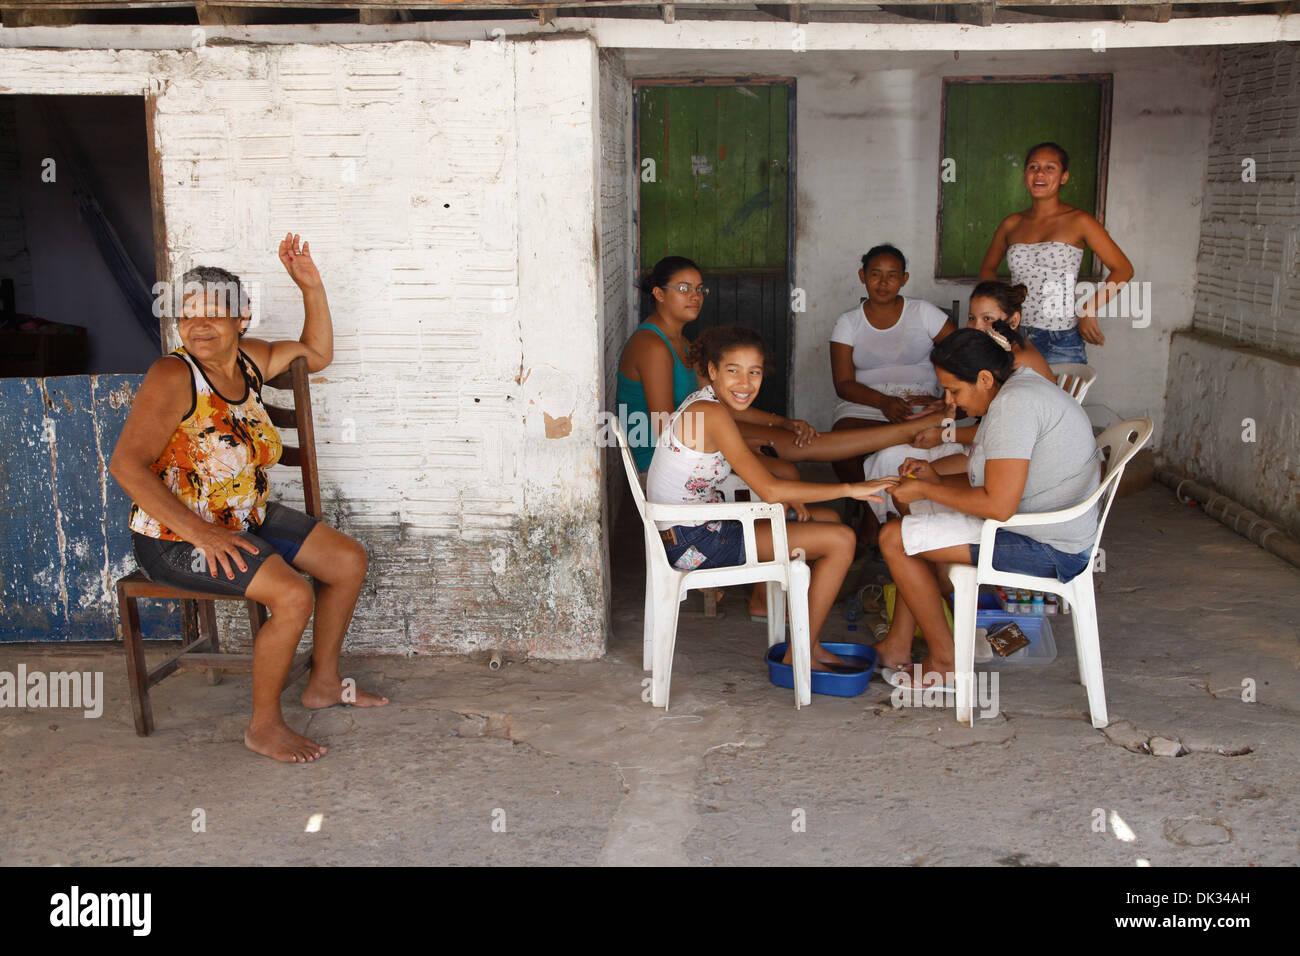 Las mujeres locales haciendo sus uñas en la casa sombra, Cumbuco, distrito de Fortaleza, Brasil. Imagen De Stock